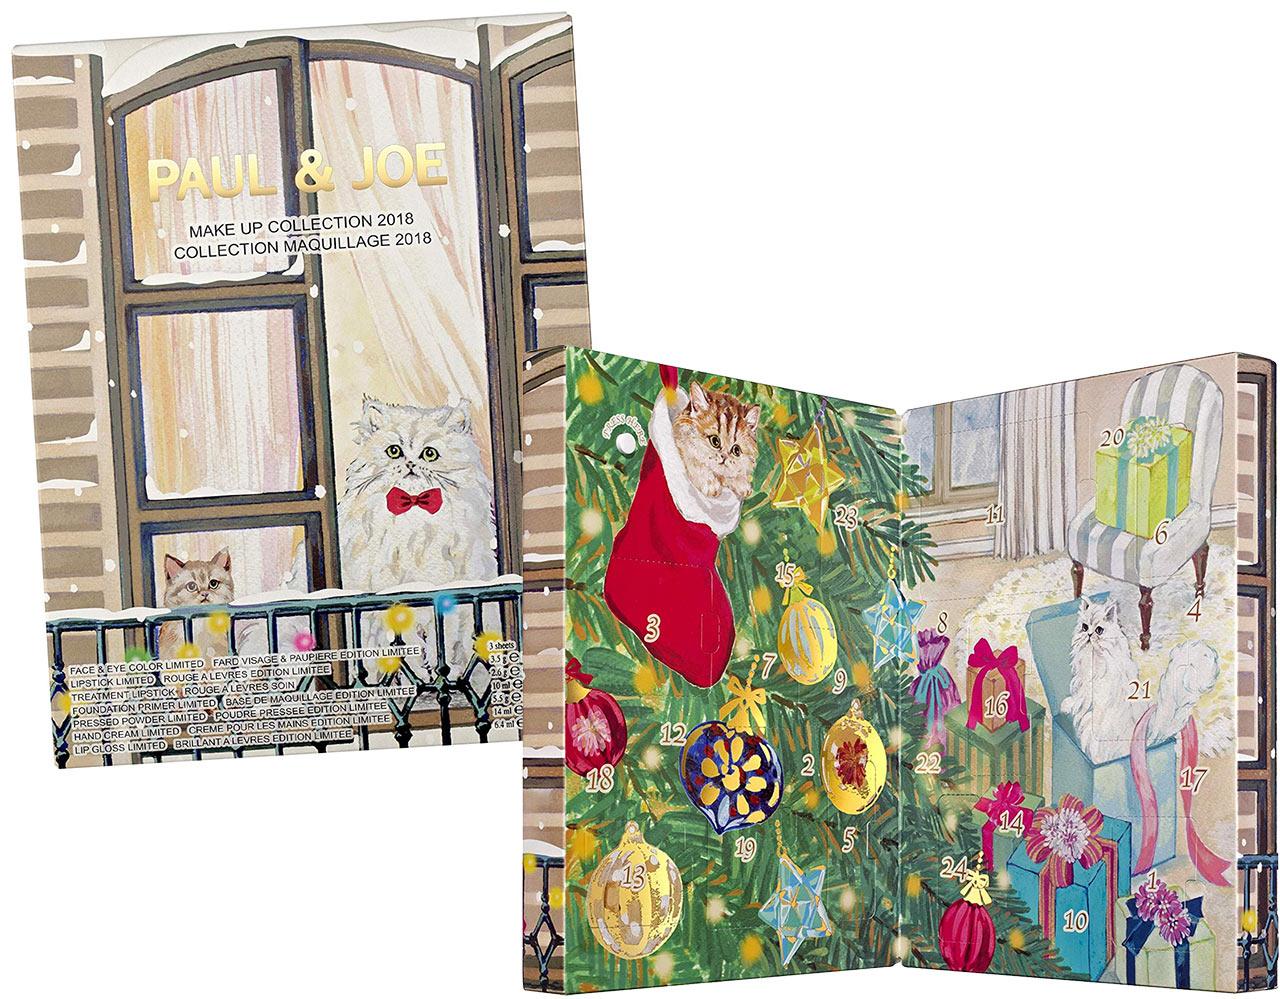 Calendrier de l'avent pour adulte 2018 Paul & Joe, un calendrier plein de cadeaux beauté